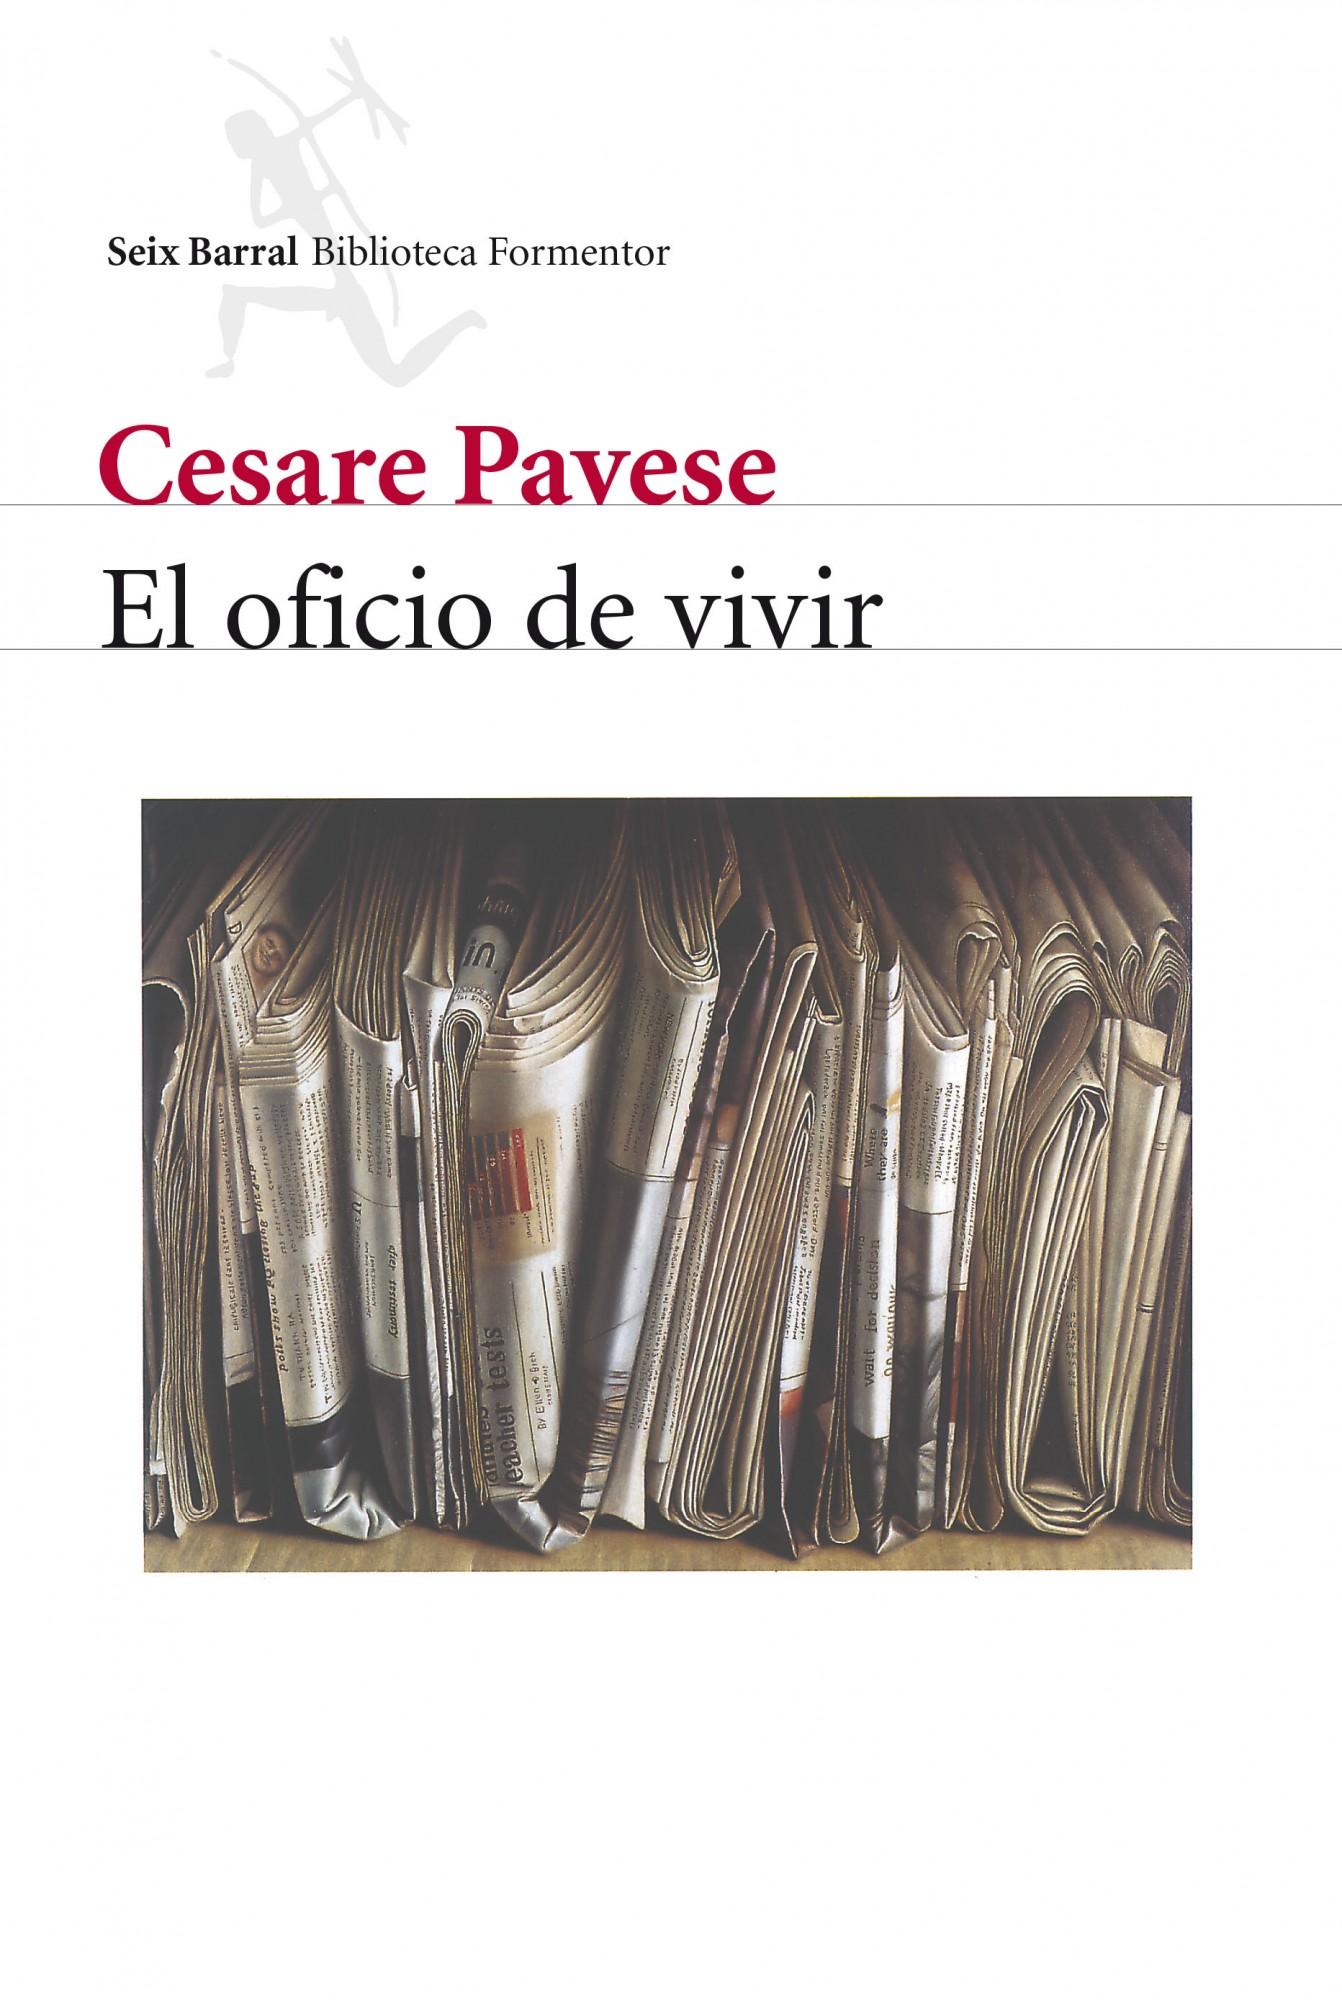 el oficio de vivir-cesare pavese-9788432219634